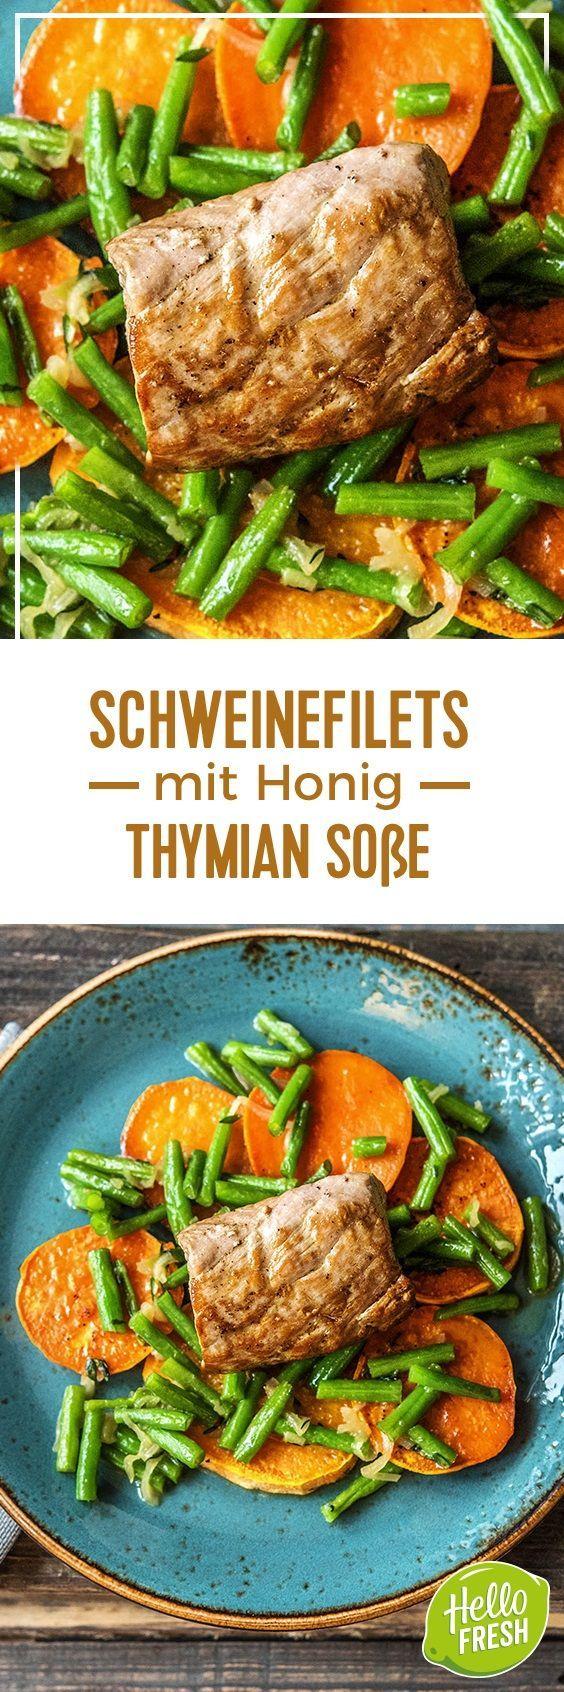 Step by Step Rezept: Schweinefilets mit Honig-Thymian-Soße, dazu gebackene Süßkartoffelscheiben und Buschbohnen  Rezept / Kochen / Essen / Ernährung / Lecker / Kochbox / Zutaten / Gesund / Schnell / Frühling / Einfach / DIY / Küche / Gericht / Blog / Leicht  / 30 Minuten / Schwein / Filet / Sonntagsbraten / Glutenfrei / Kalorienarm  #hellofreshde #kochen #essen #zubereiten #zutaten #diy #rezept #kochbox #ernährung #lecker #gesund #leicht #schnell #frühling #einfach #küche #gericht #trend…